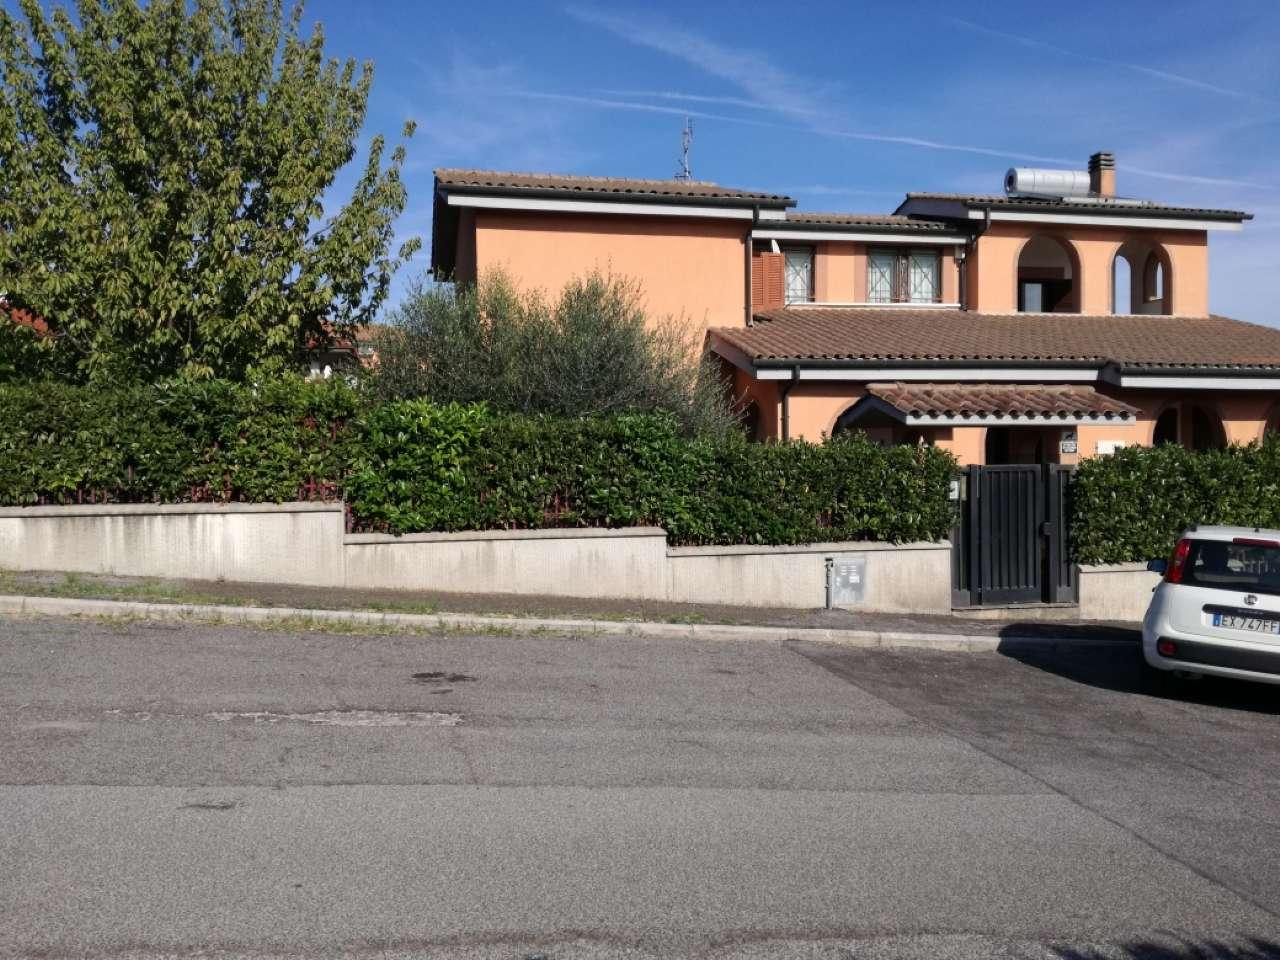 Villa in vendita a Guidonia Montecelio, 4 locali, prezzo € 765.000   CambioCasa.it